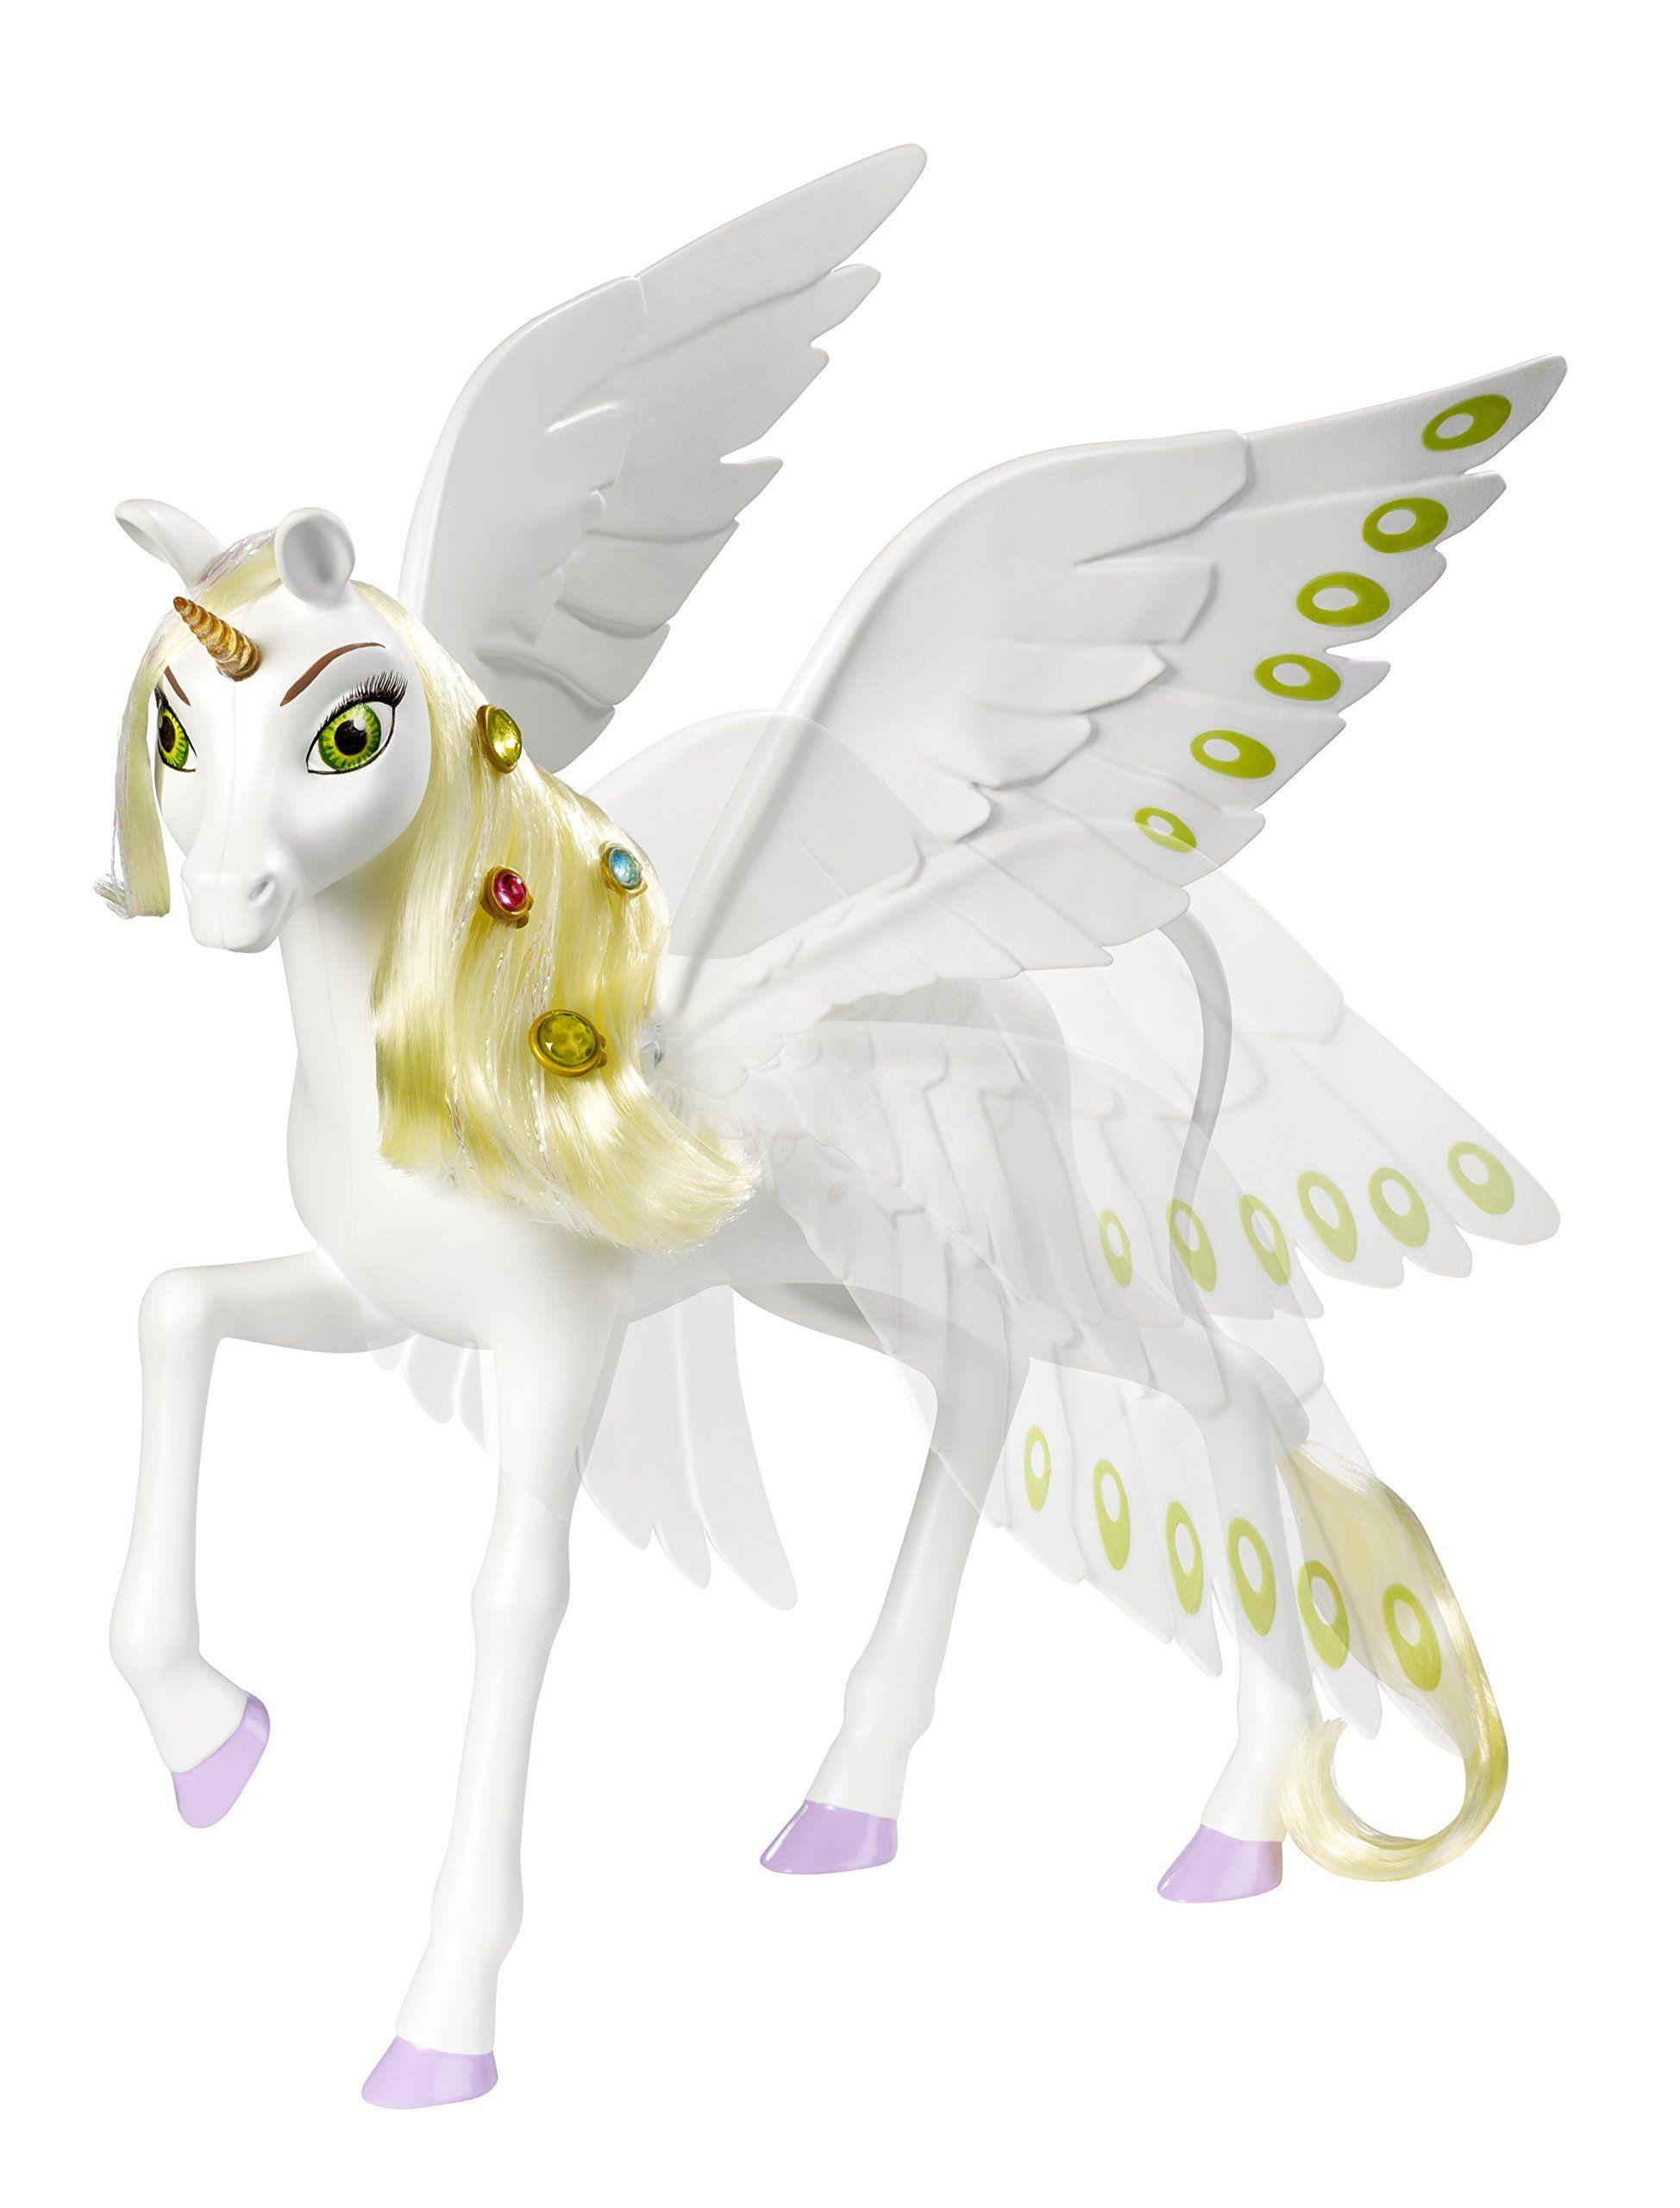 Mia & Me Onchao Unicorn by Mattel by SportsMarket. Mia